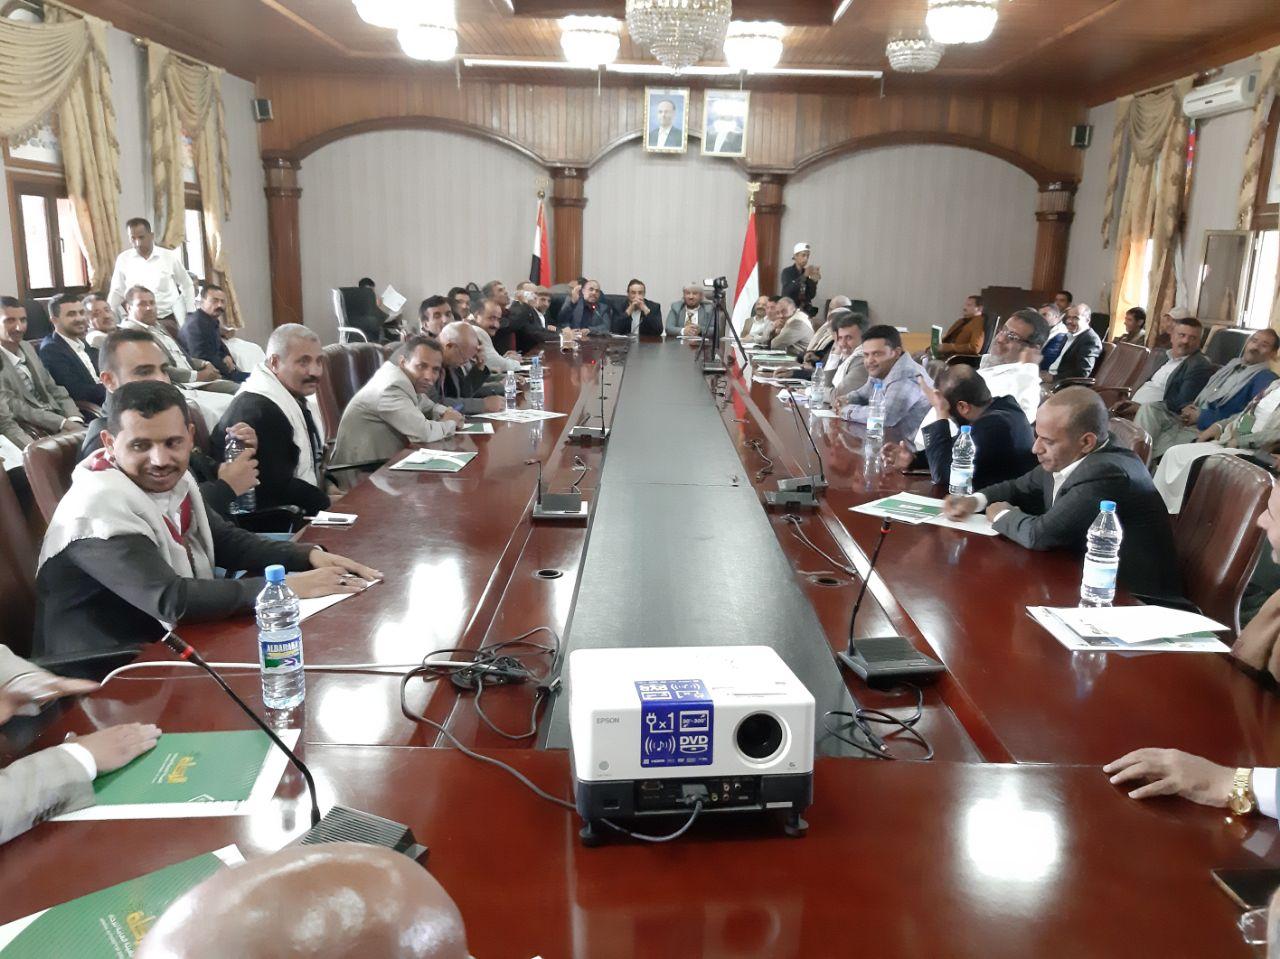 مناقشة مهام هيئة الزكاة في كافة مديريات أمانة العاصمة